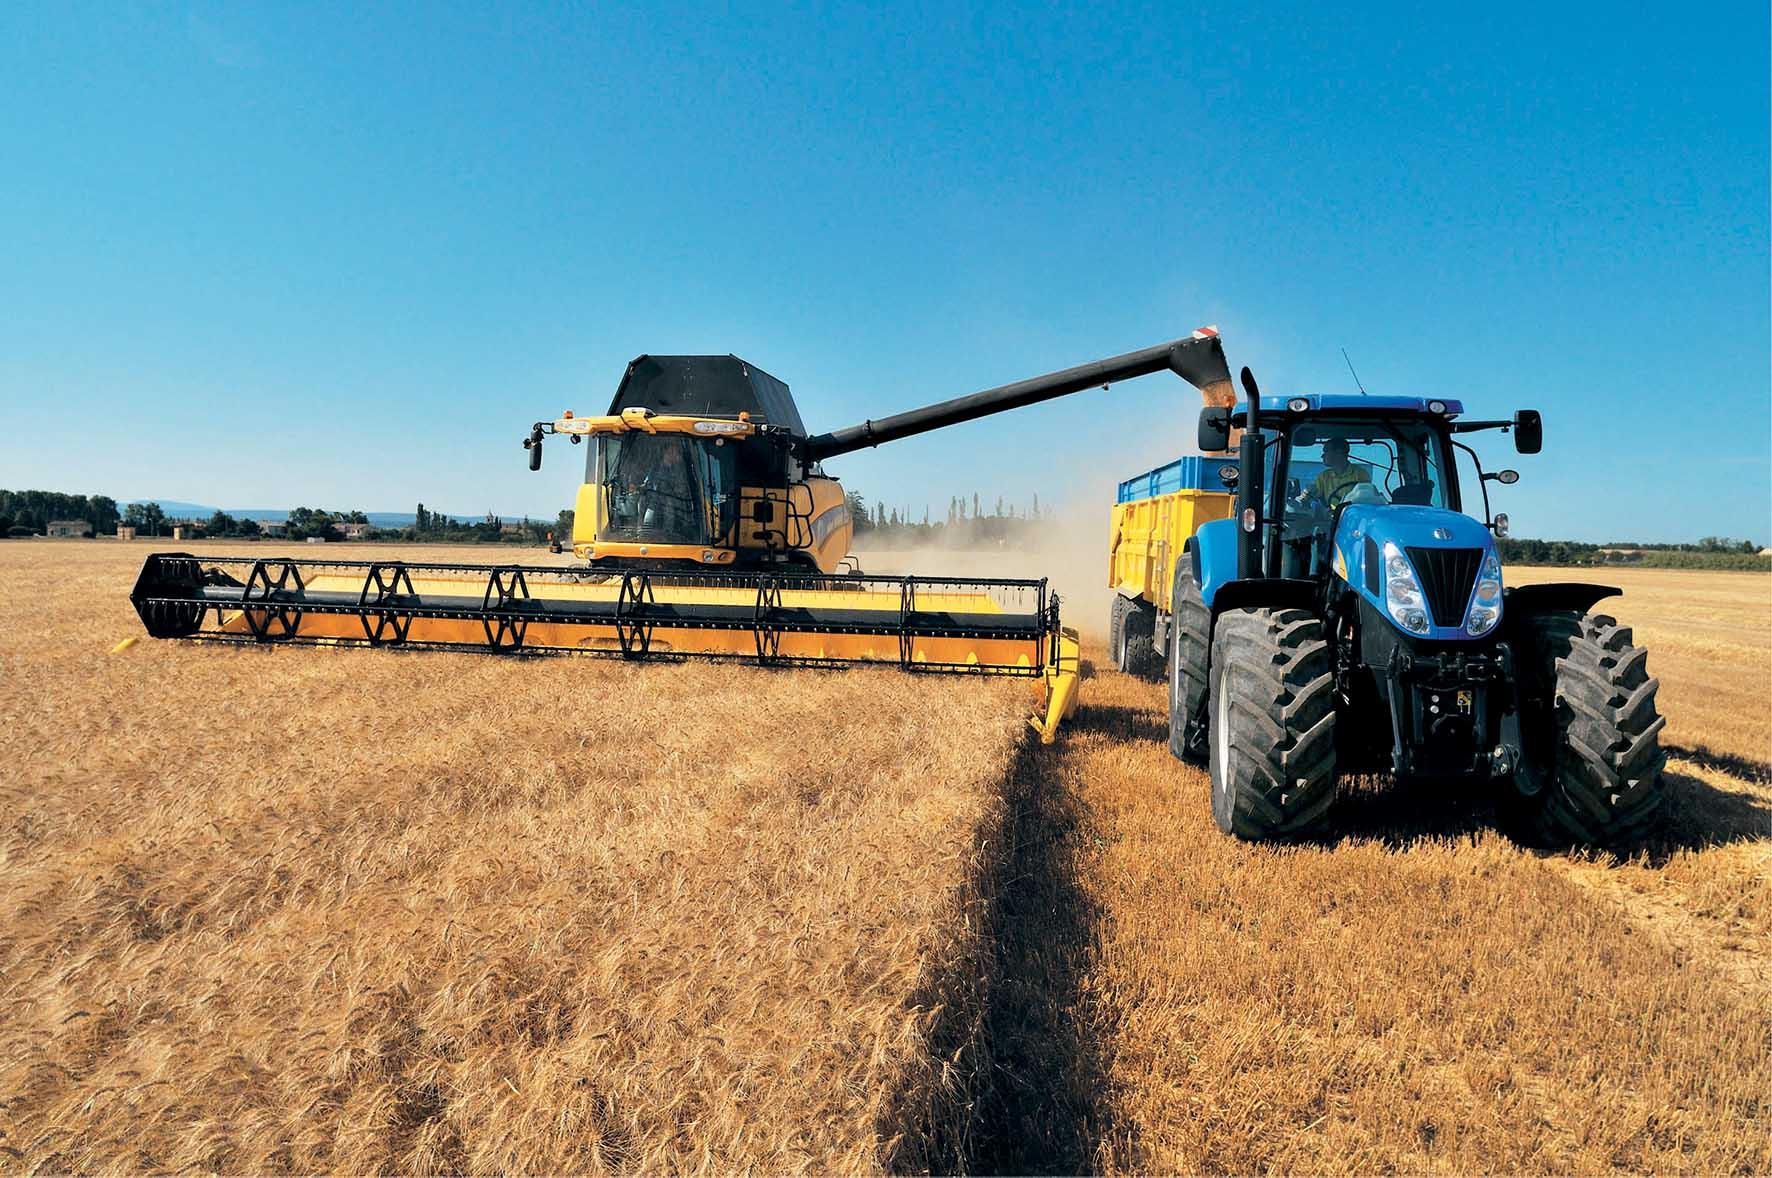 agricoltura mietritrebbia trattore new holland1